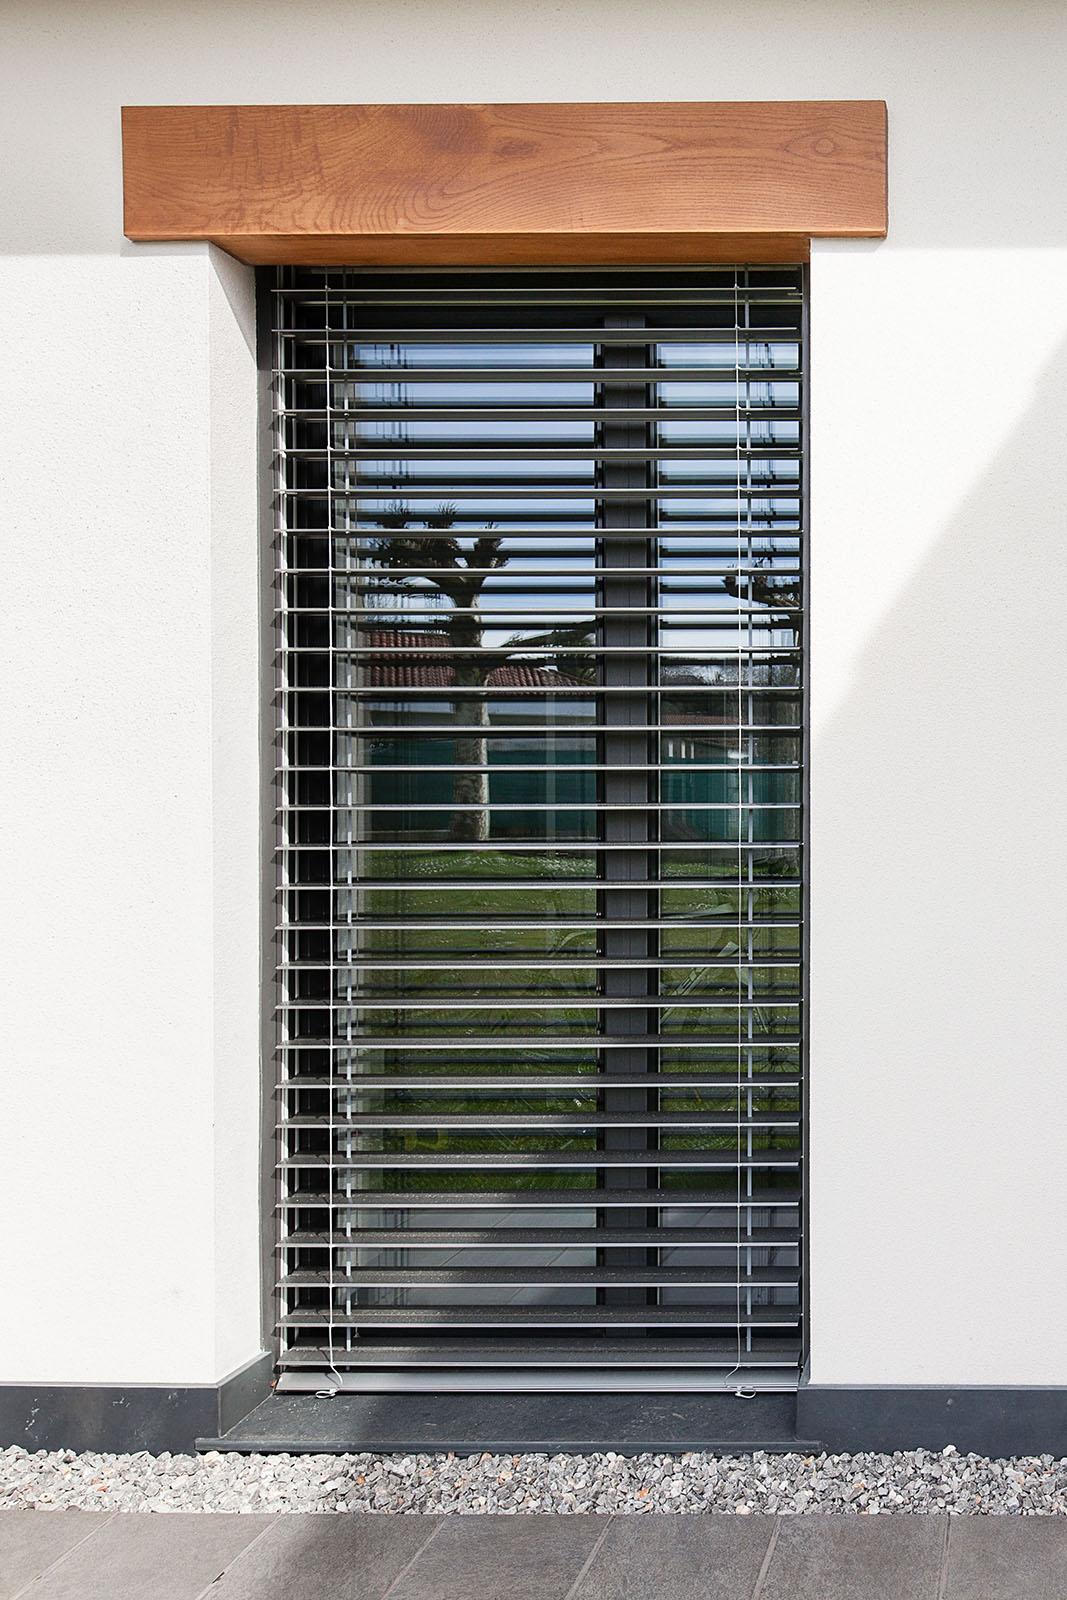 te molesta la entrada del sol a tu vivienda, personaliza tus elementos de protección solar